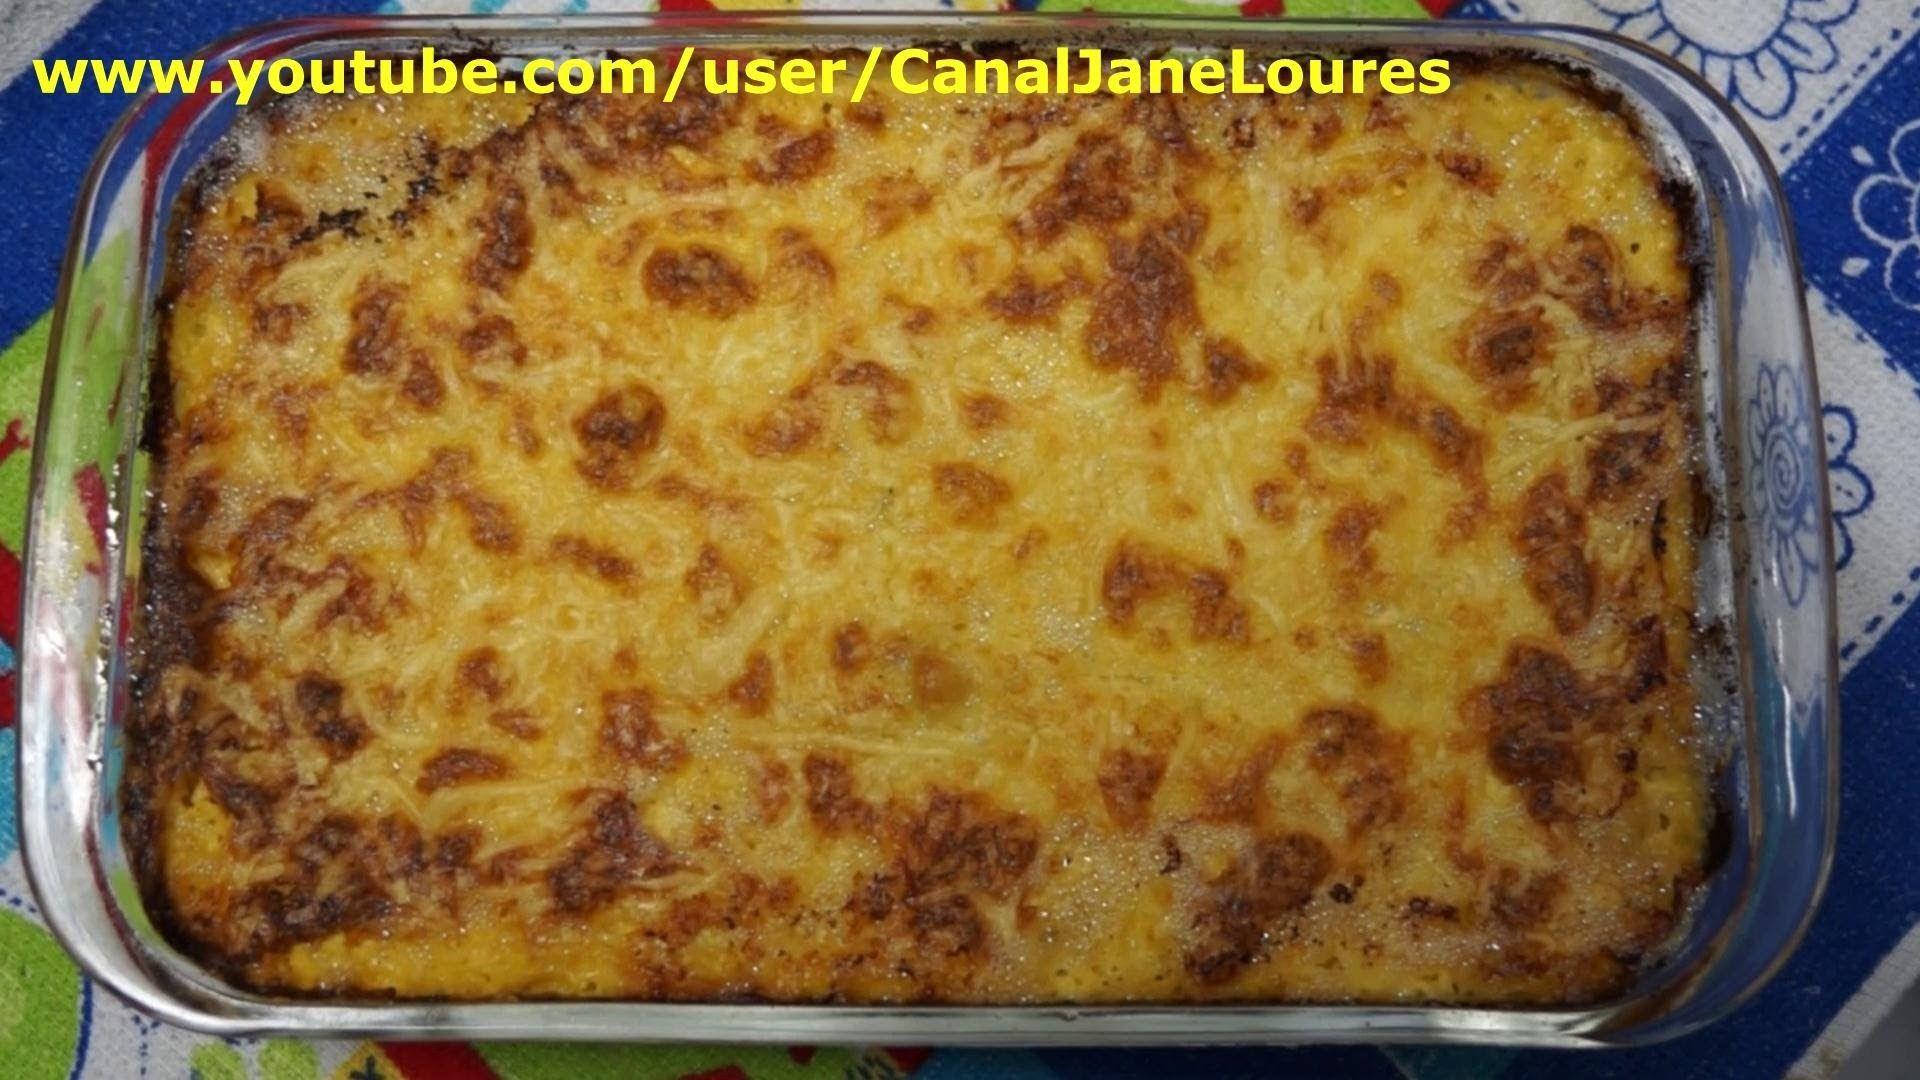 DICAS CASEIRAS - TORTA COM SOBRAS DE CARNES